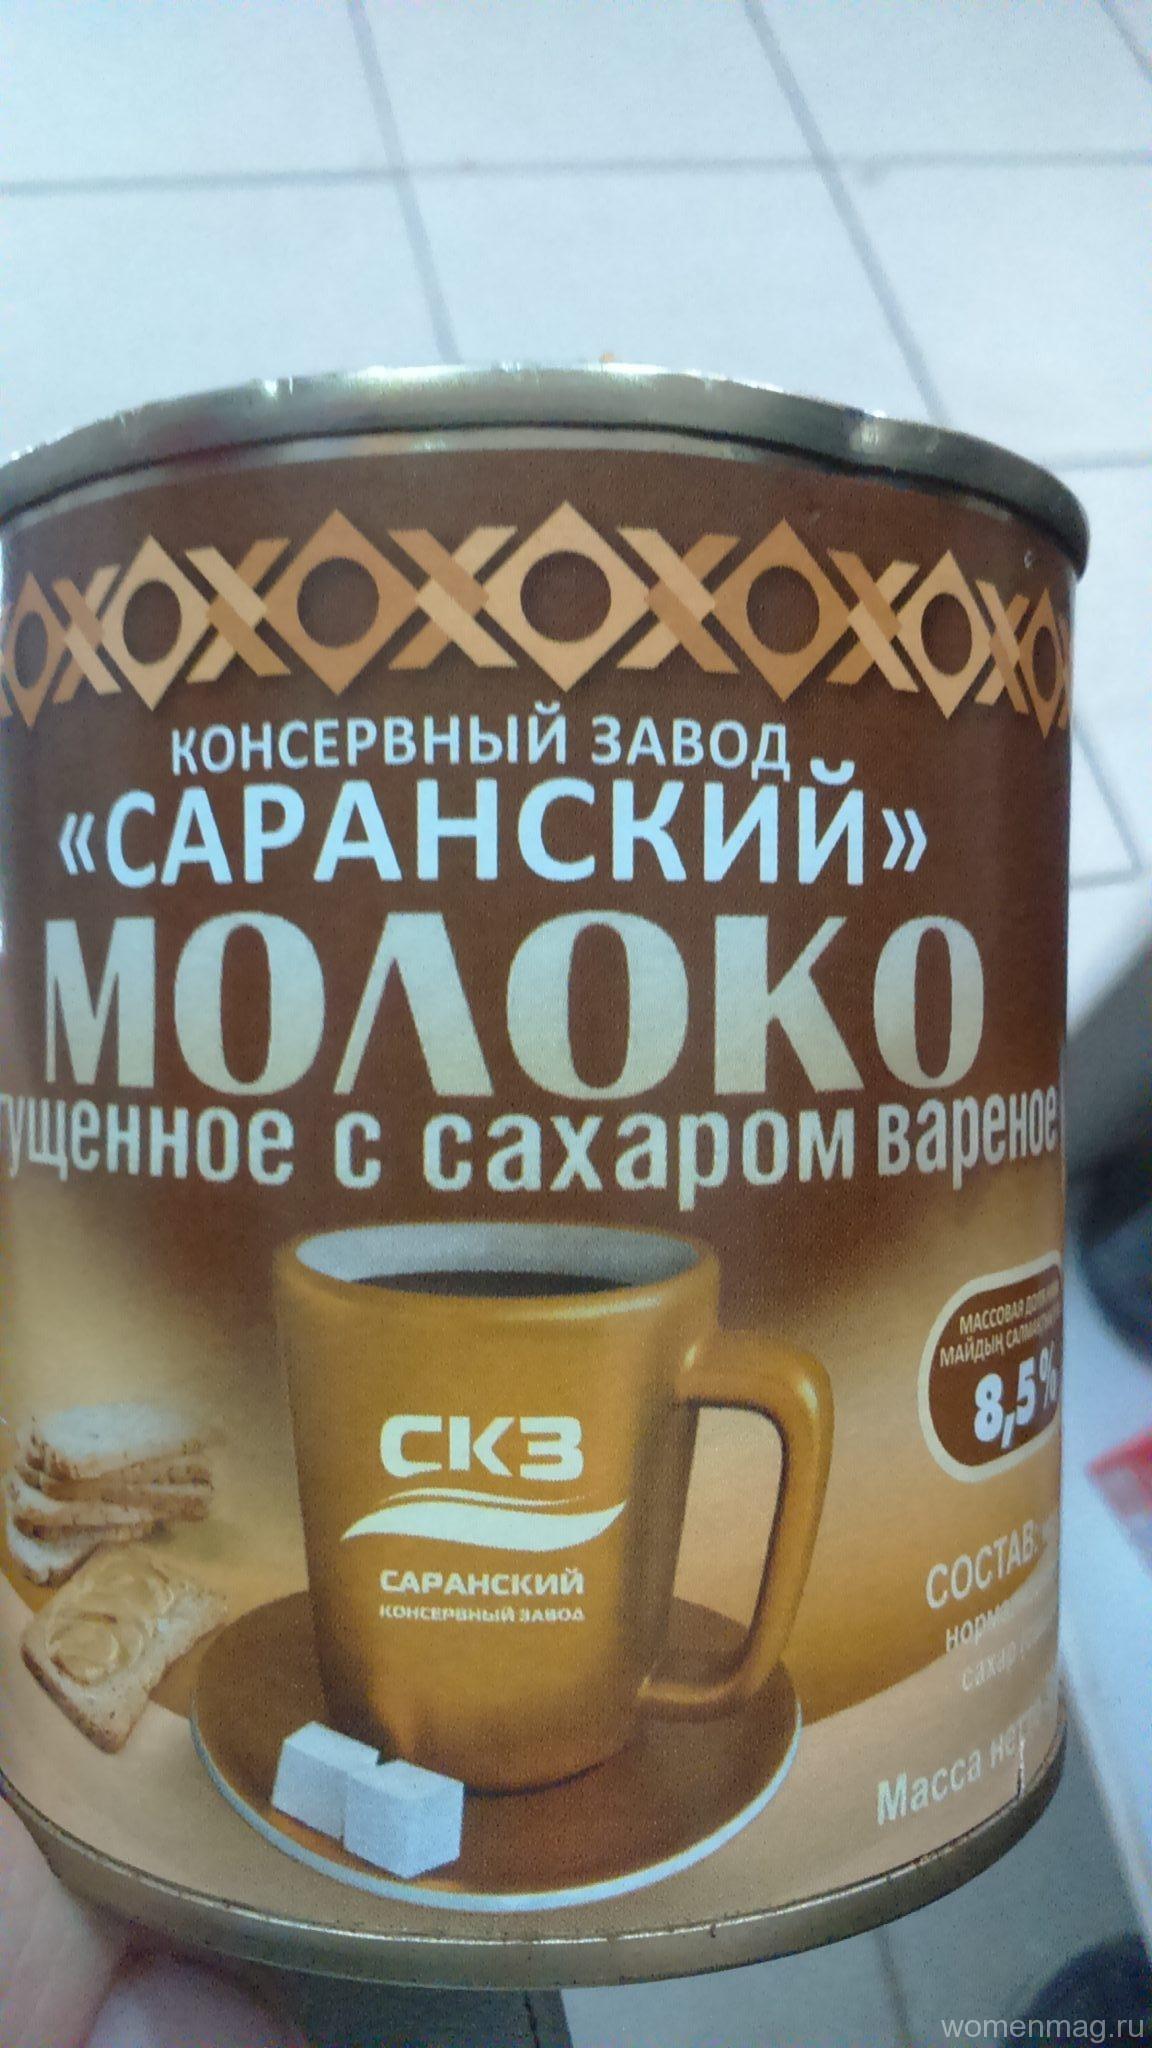 Вареная сгущенка «Саранский консервный завод». Отзыв